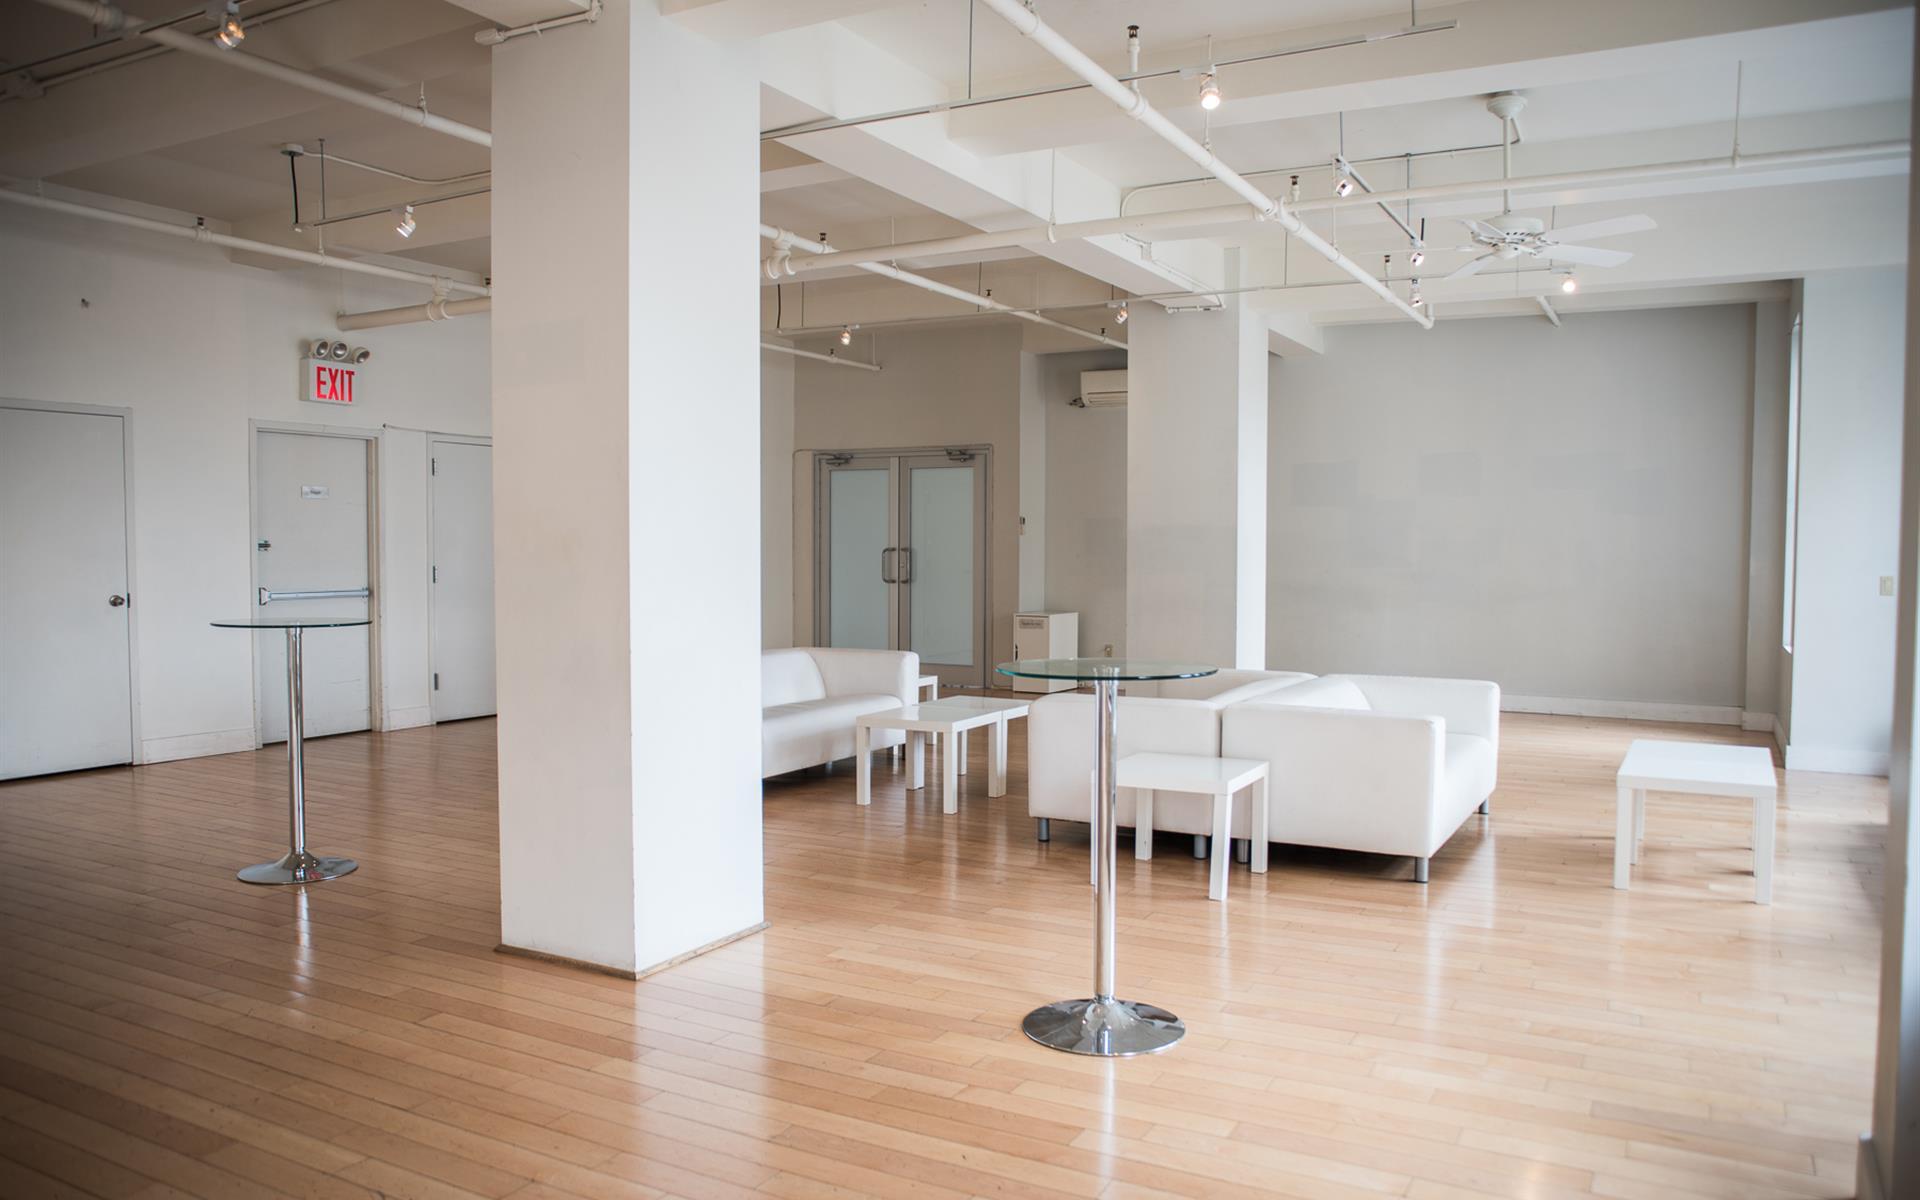 Studio Arte - Loft Space